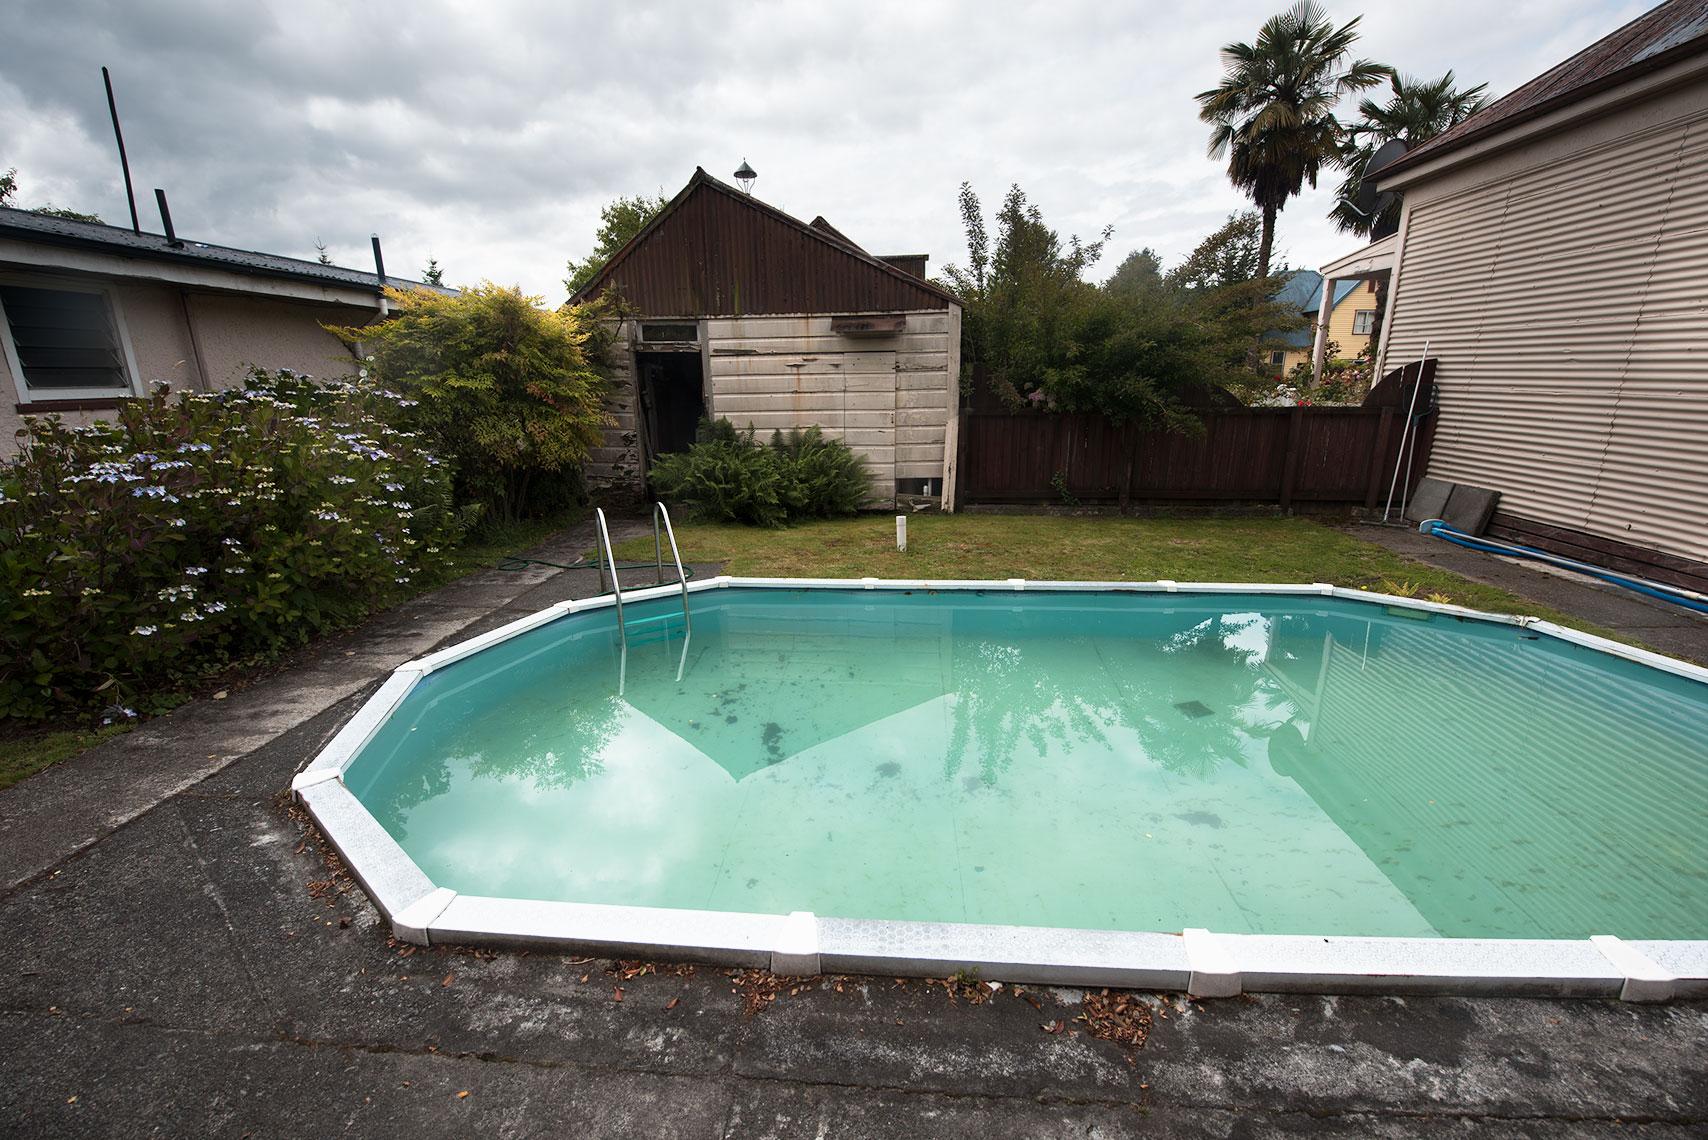 Reefton Hotel Swimming Pool